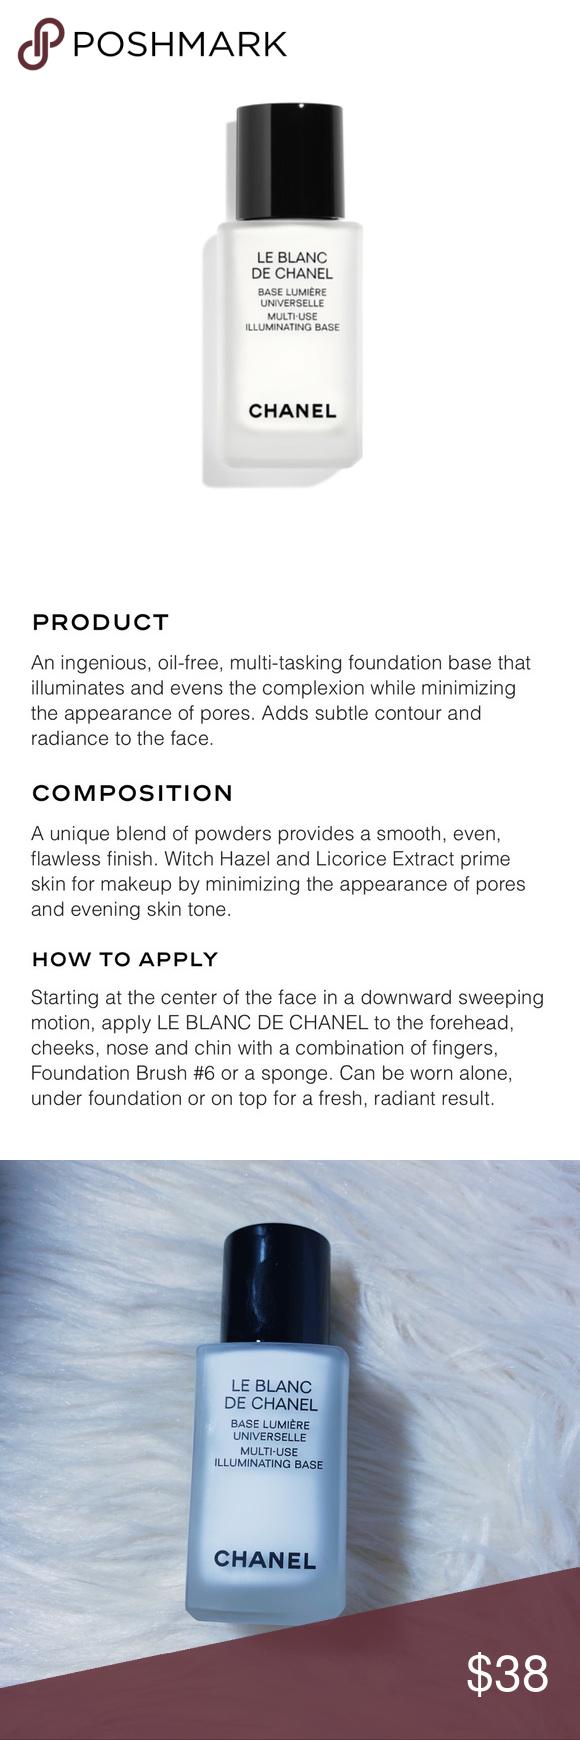 •chanel le blanc illuminating base primer• Makeup base